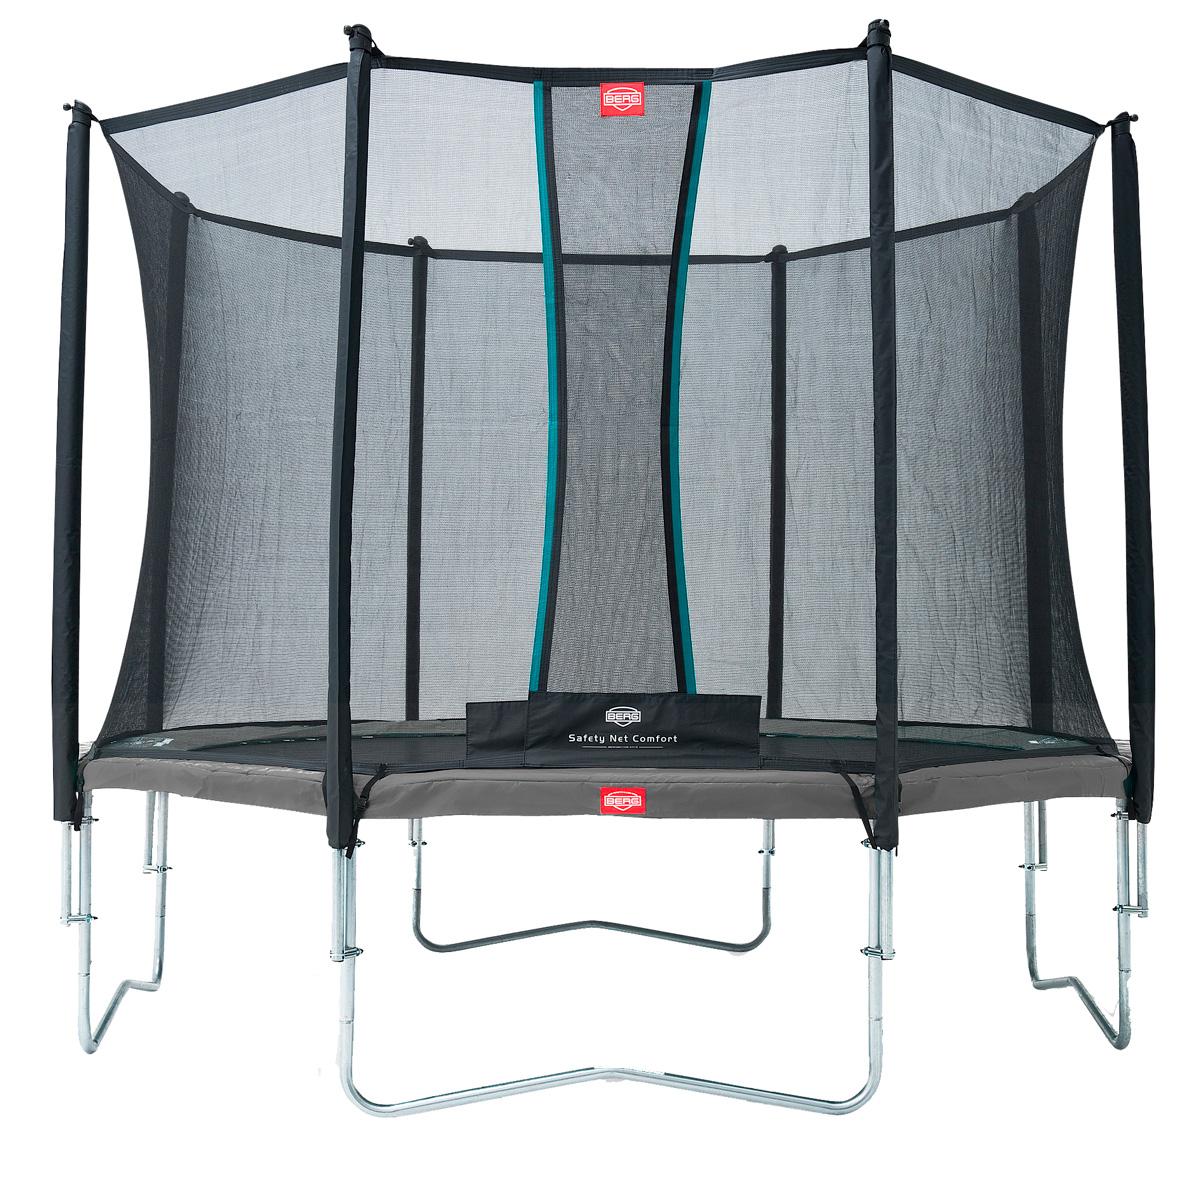 Image of   Berg trampolin med net - Favorit - Ø 380 cm - Grå